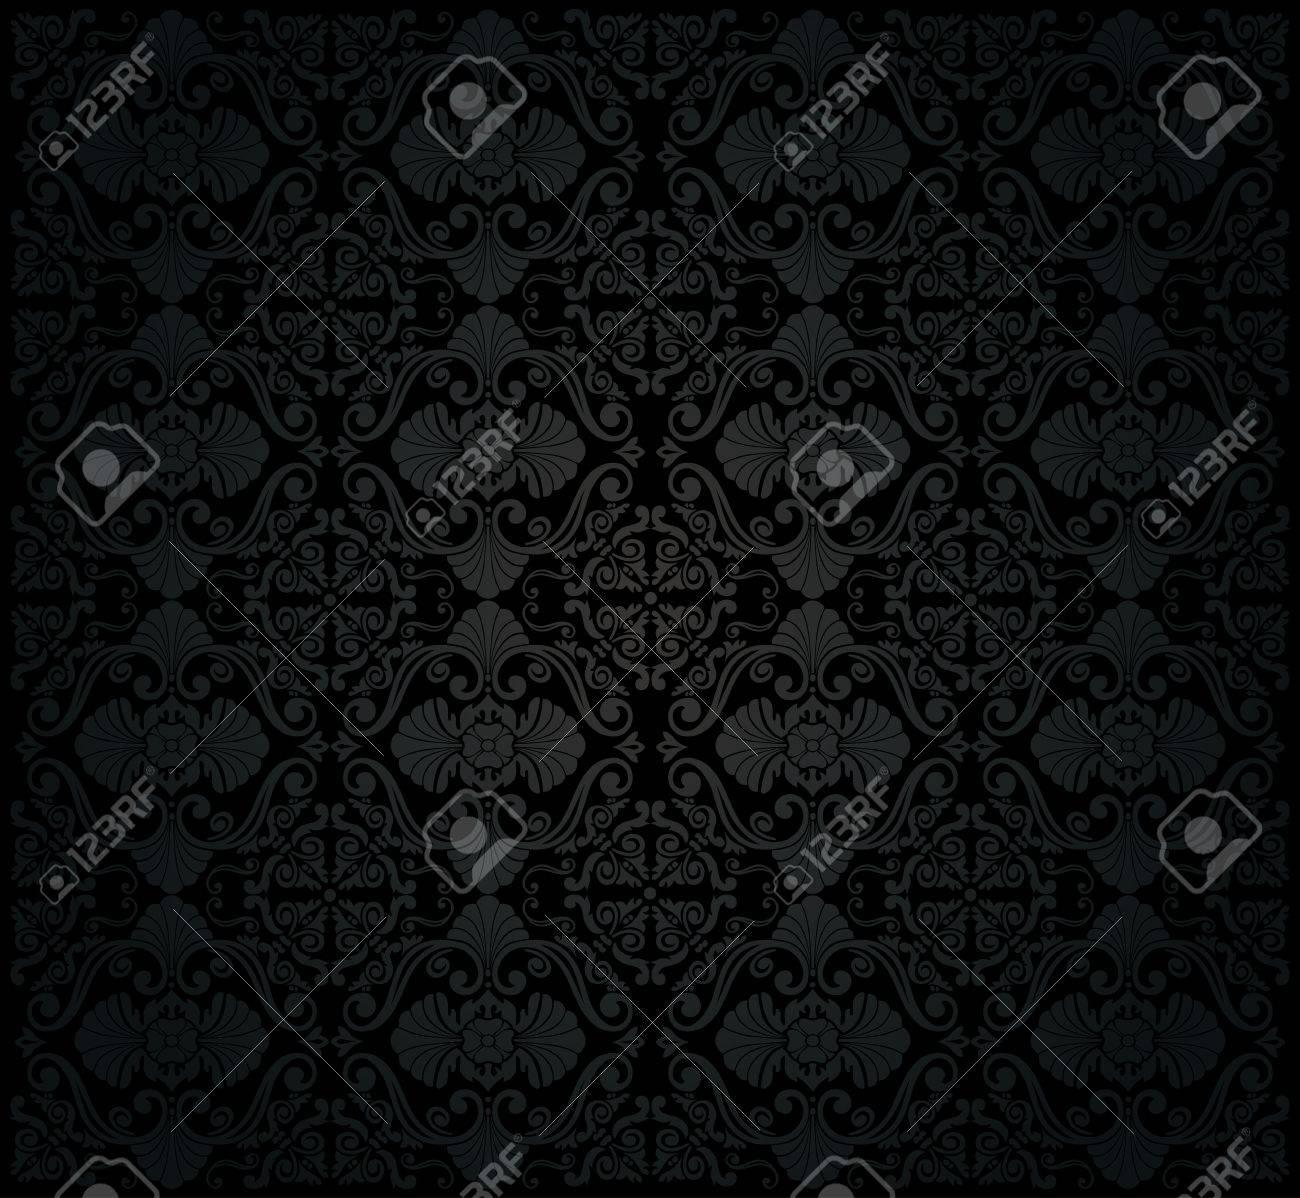 黒のビンテージ壁紙のイラスト素材 ベクタ Image 26374271